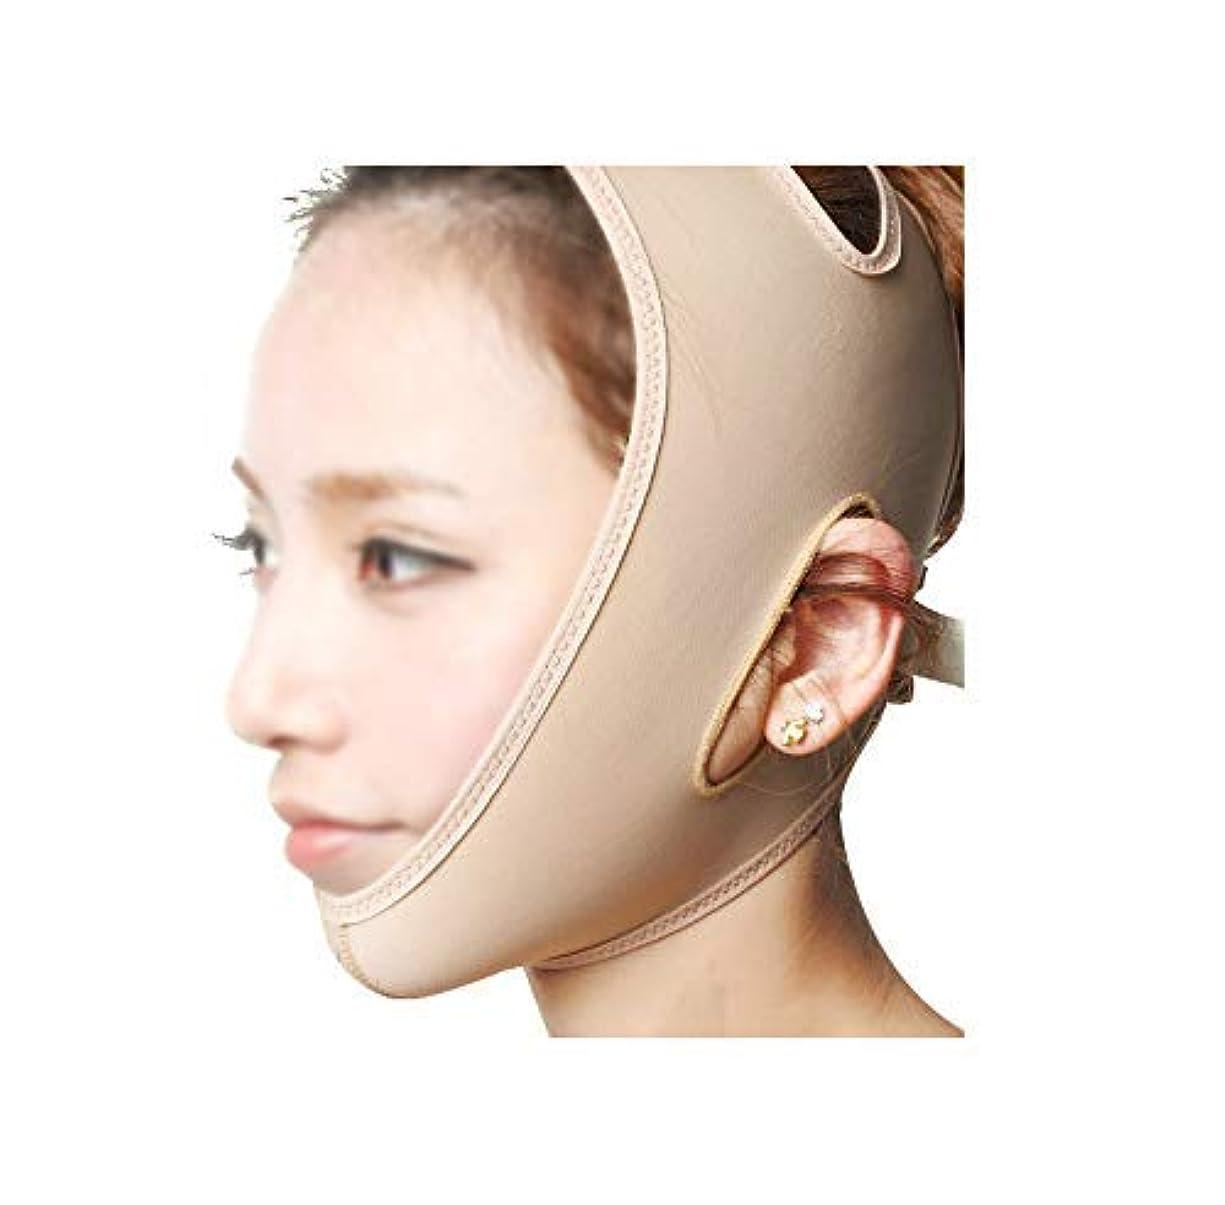 宿命投獄懇願するフェイスリフティングバンデージ、フェイスマスク3Dパネルデザイン、通気性に優れたライクラ素材の物理的なVフェイス、美しい顔の輪郭の作成(サイズ:S),ザ?